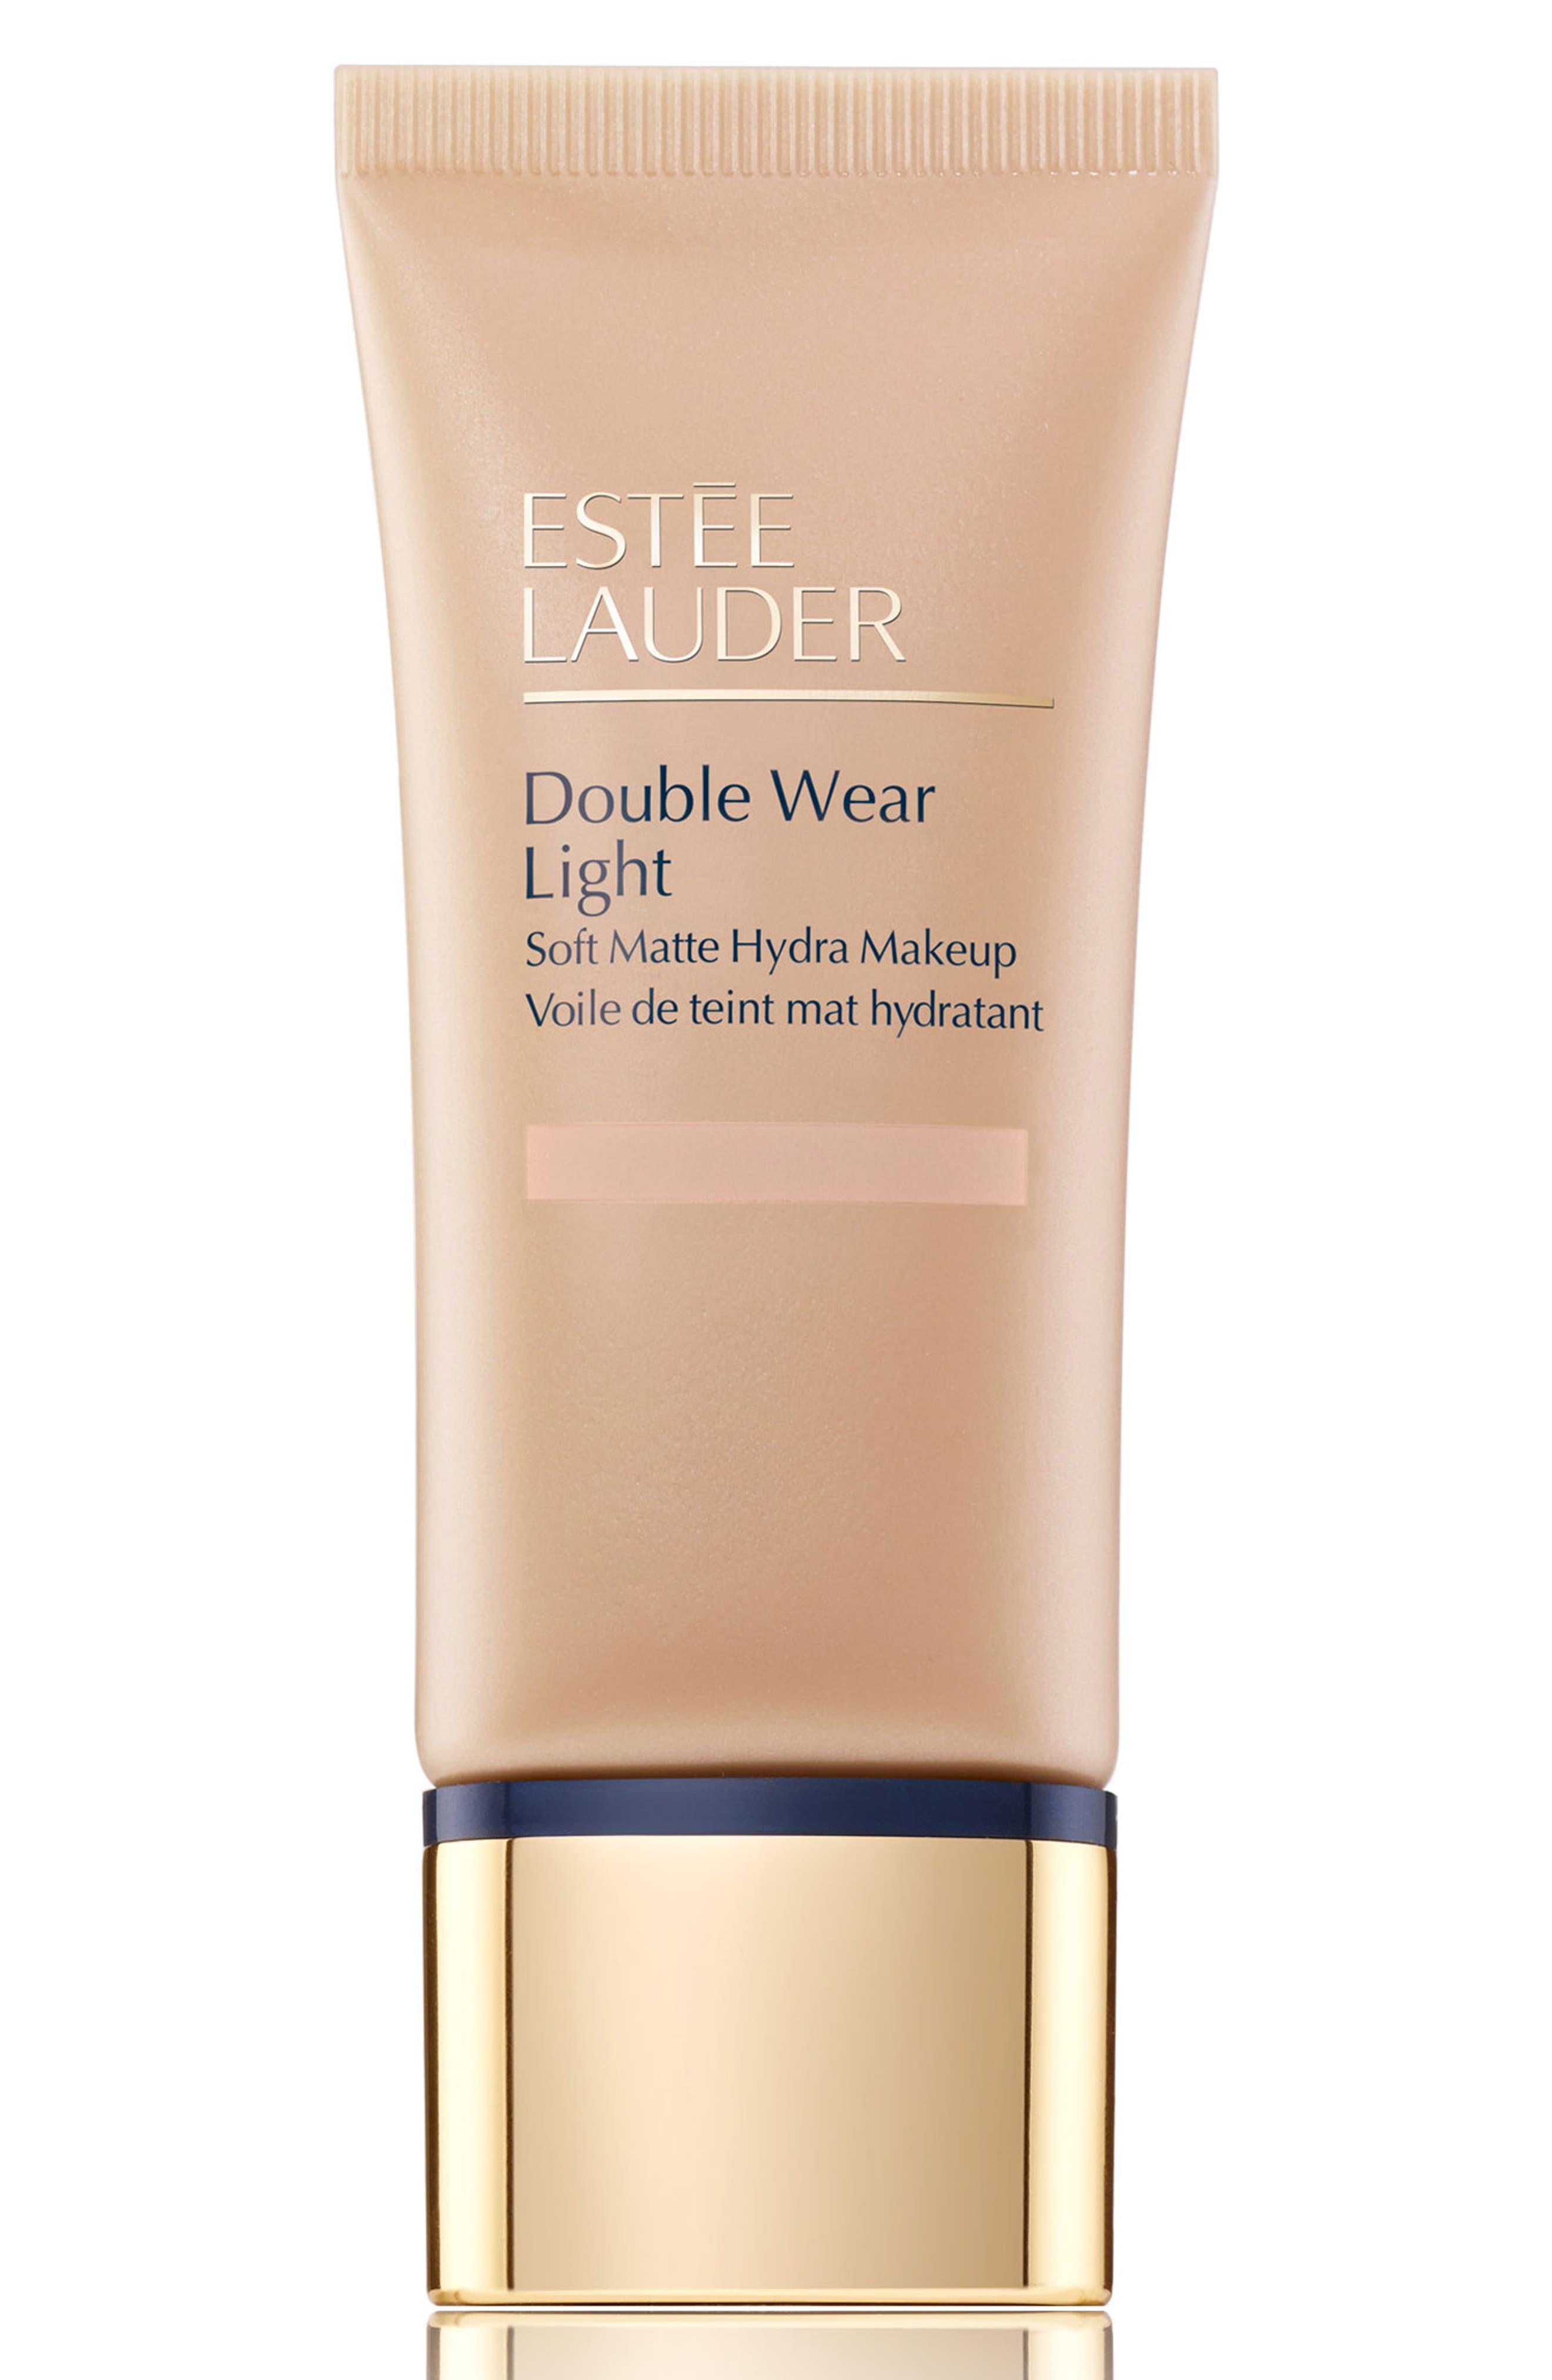 Estee Lauder Double Wear Light Soft Matte Hydra Makeup - 1C0 Shell